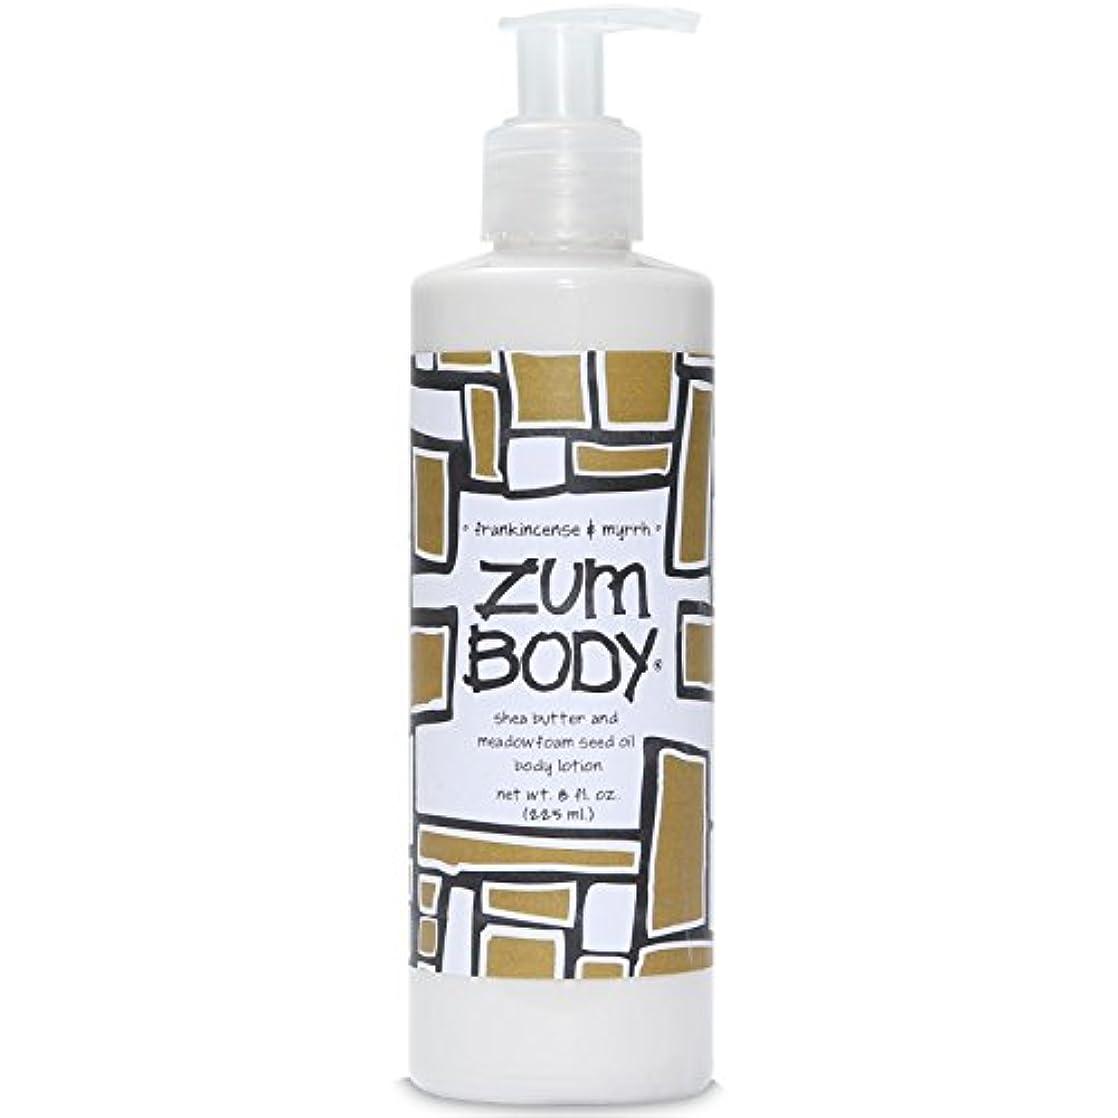 カナダ欠点農奴【Zum Body】 シアバター&メドウフォームシードオイル配合ボディークリーム(フランキンセンス&ミルラの香り)225ml, Shea Butter & Meadow Foam Seed Oil Body Lotion...